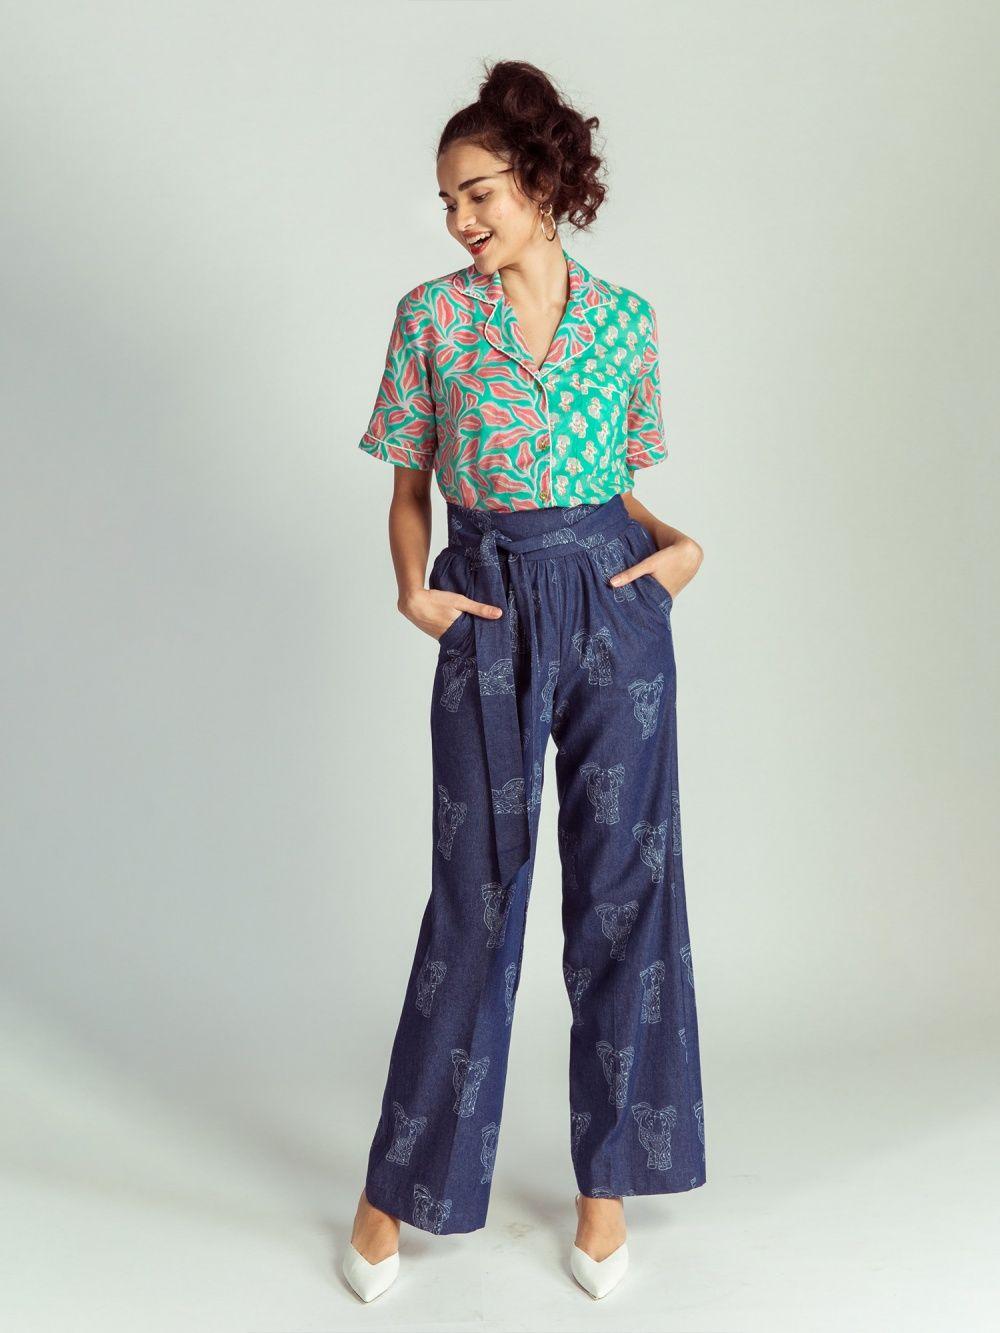 d9d04e55594dbd The Jodi Life Shirts   Buy The Jodi Life Jani Shirt Online